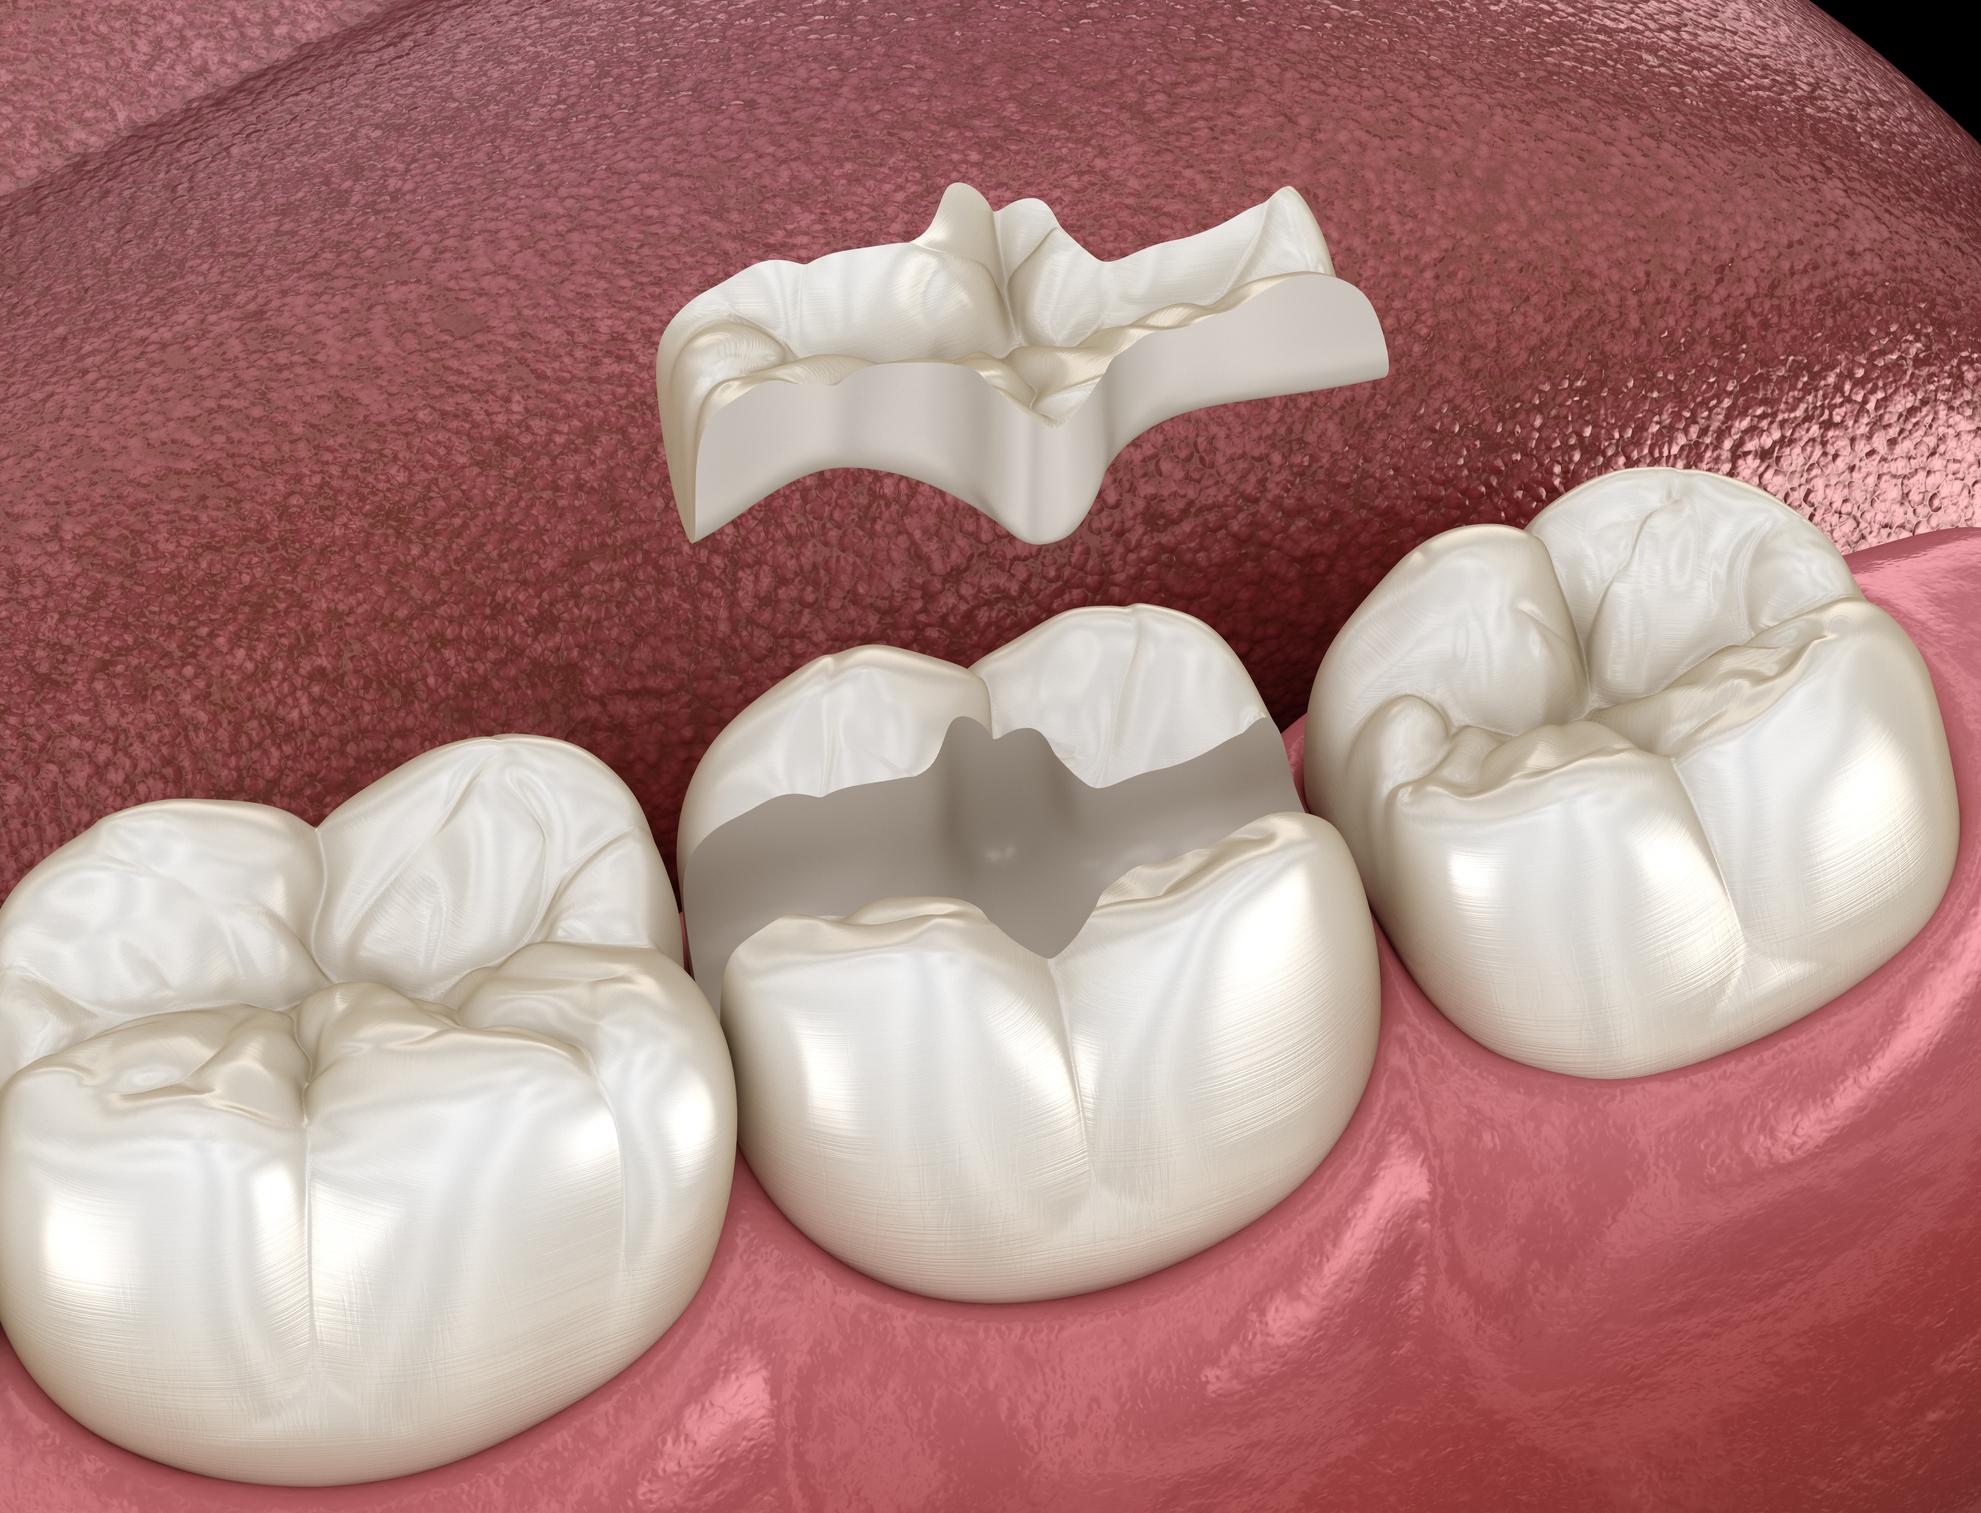 incrustaciones dentales